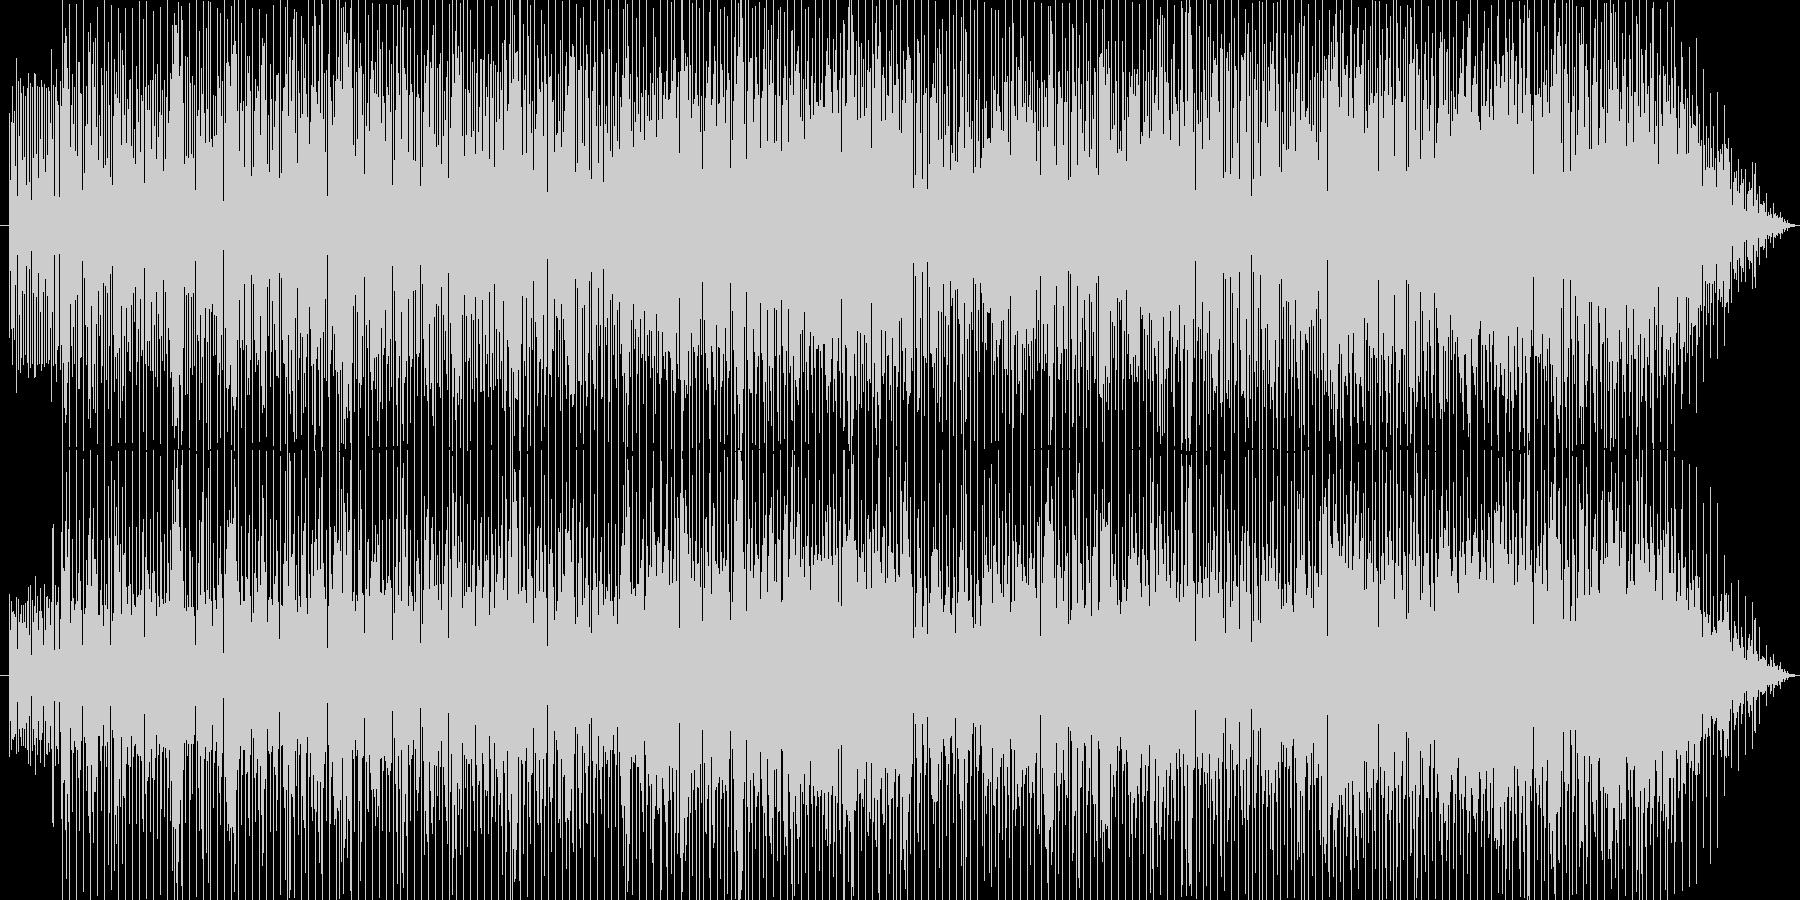 ピアノによるスムースジャズの未再生の波形